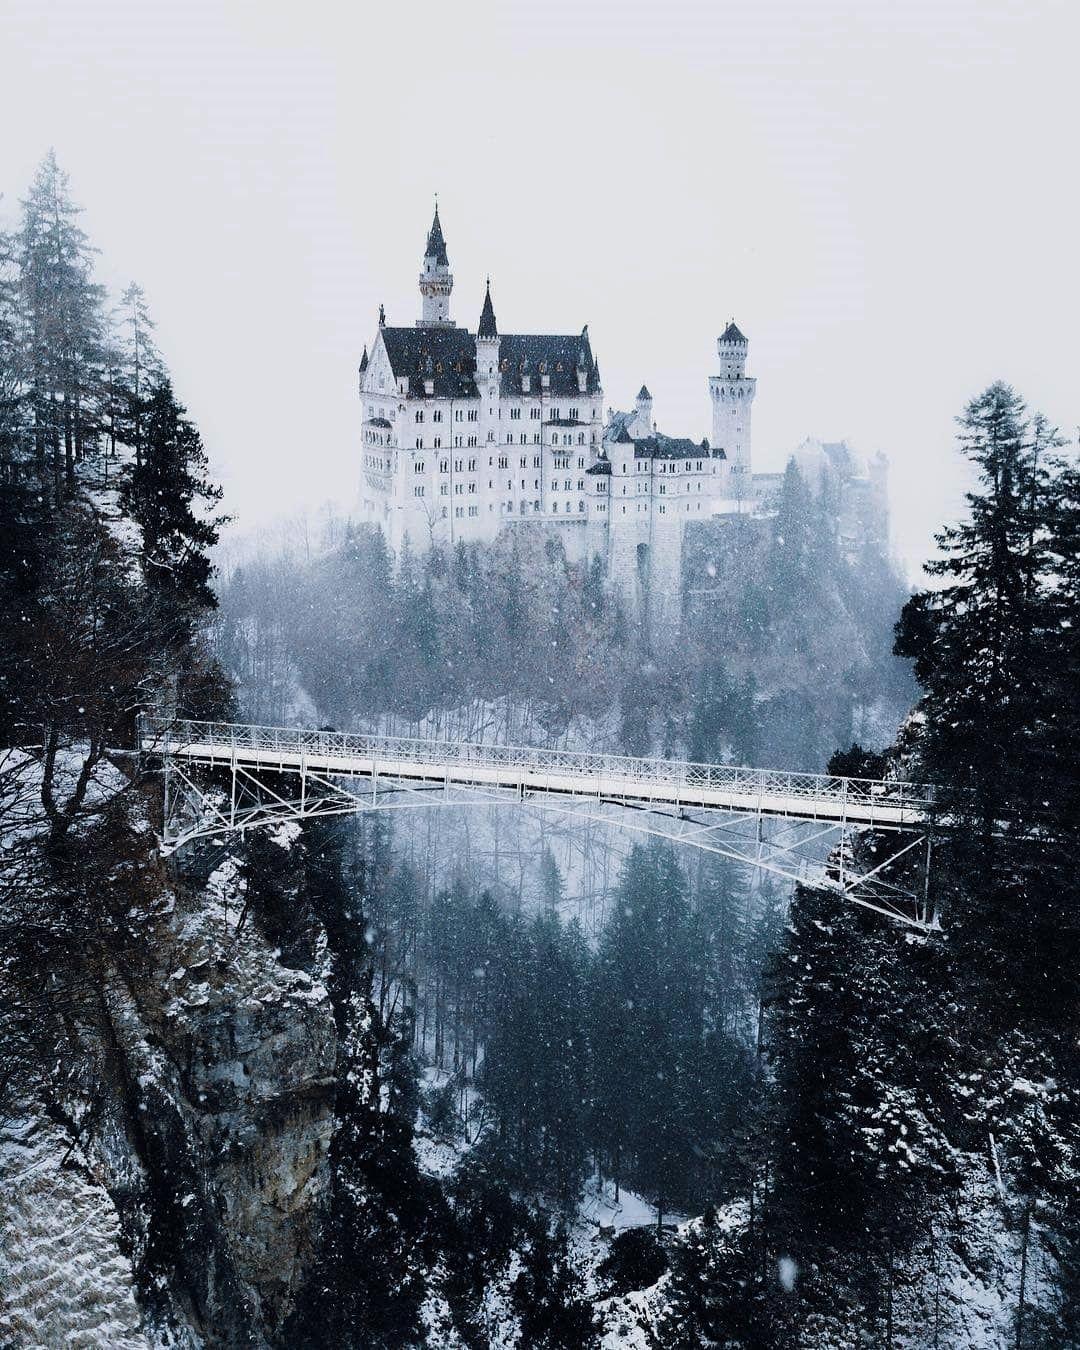 Snow Flurries At Neuschwanstein Castle From Joonaslinkola Germany Castles Neuschwanstein Castle Castle